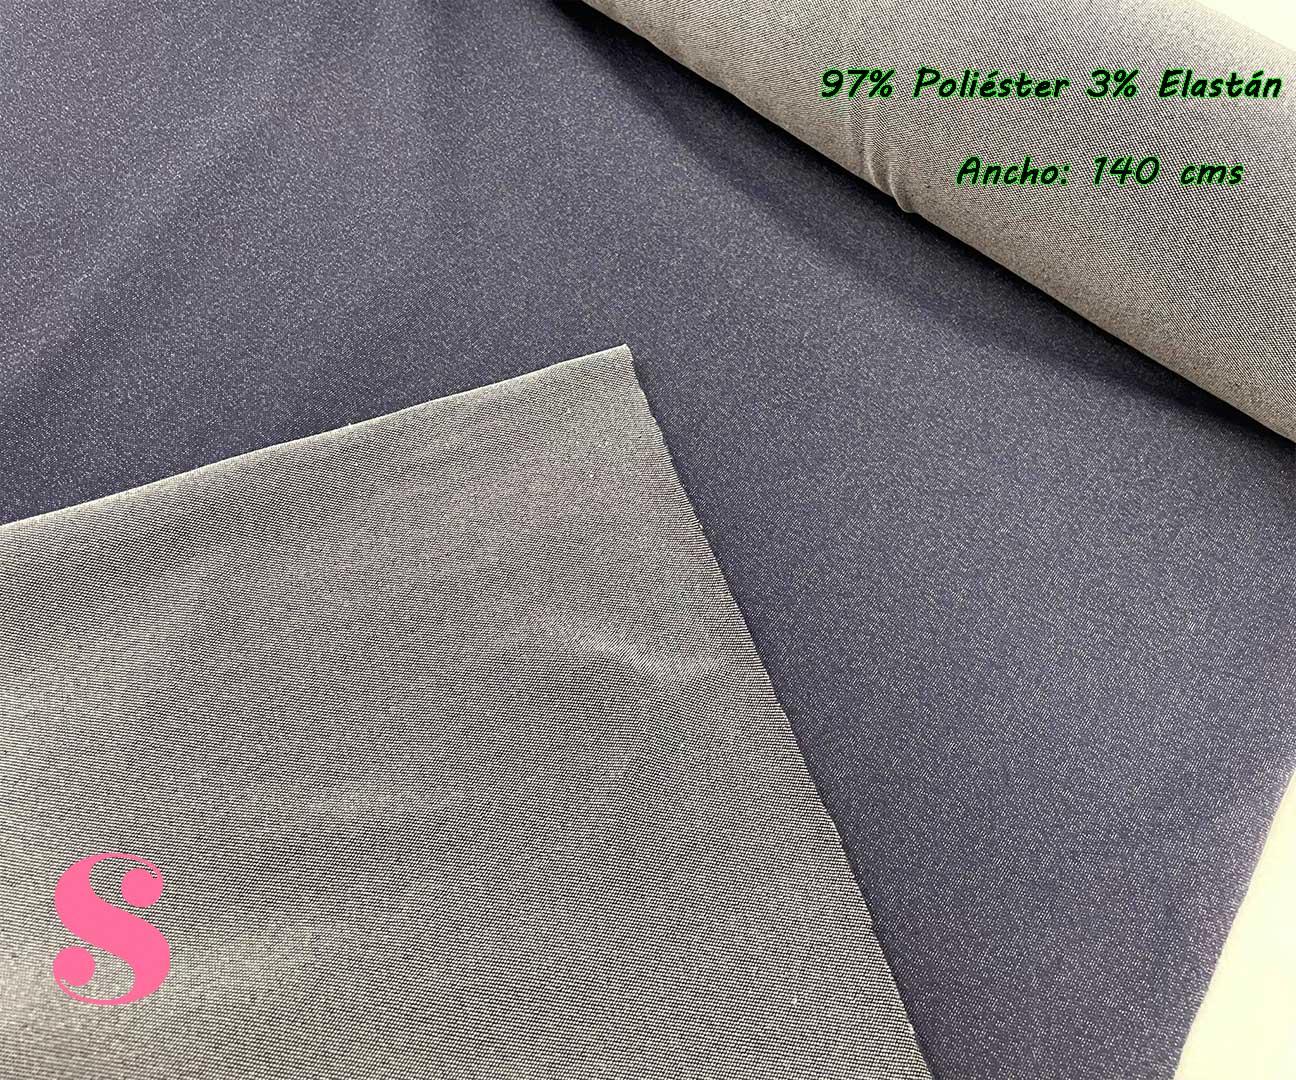 24-telas-de-punto,telas-estampadas-infantiles,tejidos-estampados-para-sudaderas,telas-para-confeccionar-ropa-infantil,Punto Camiseta Jersey Jeans